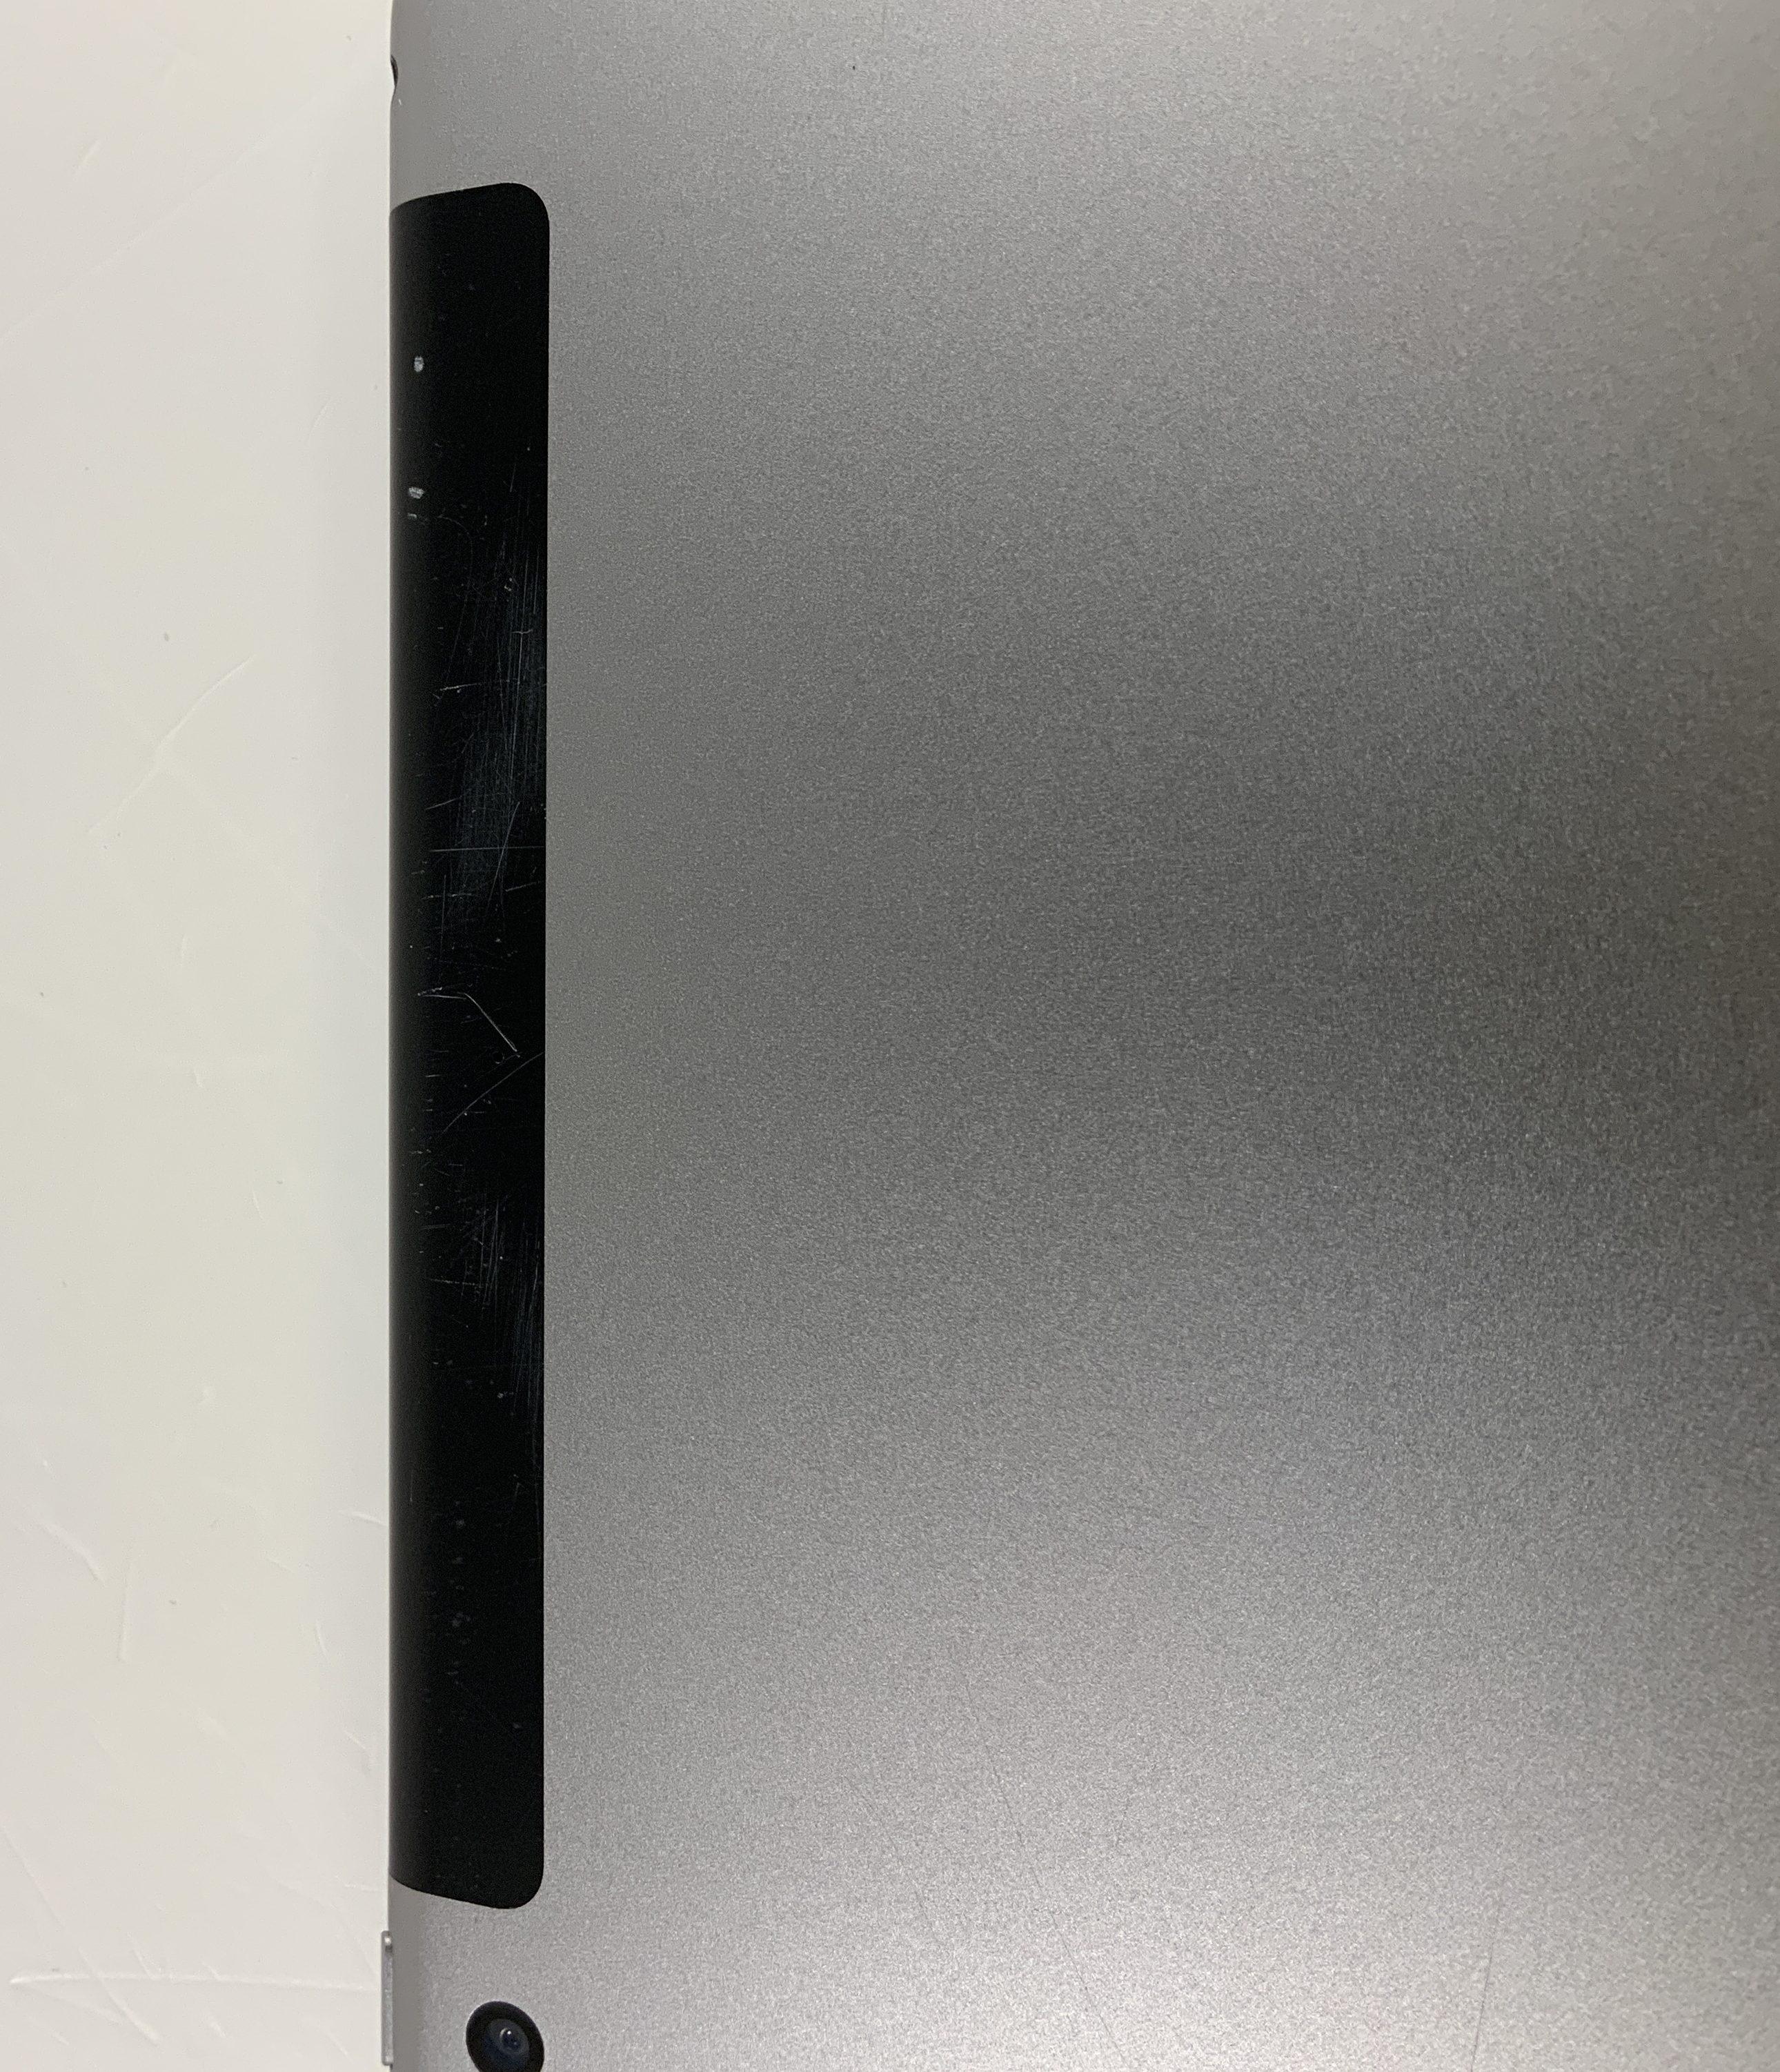 iPad 5 Wi-Fi + Cellular 128GB, 128GB, Space Gray, image 5